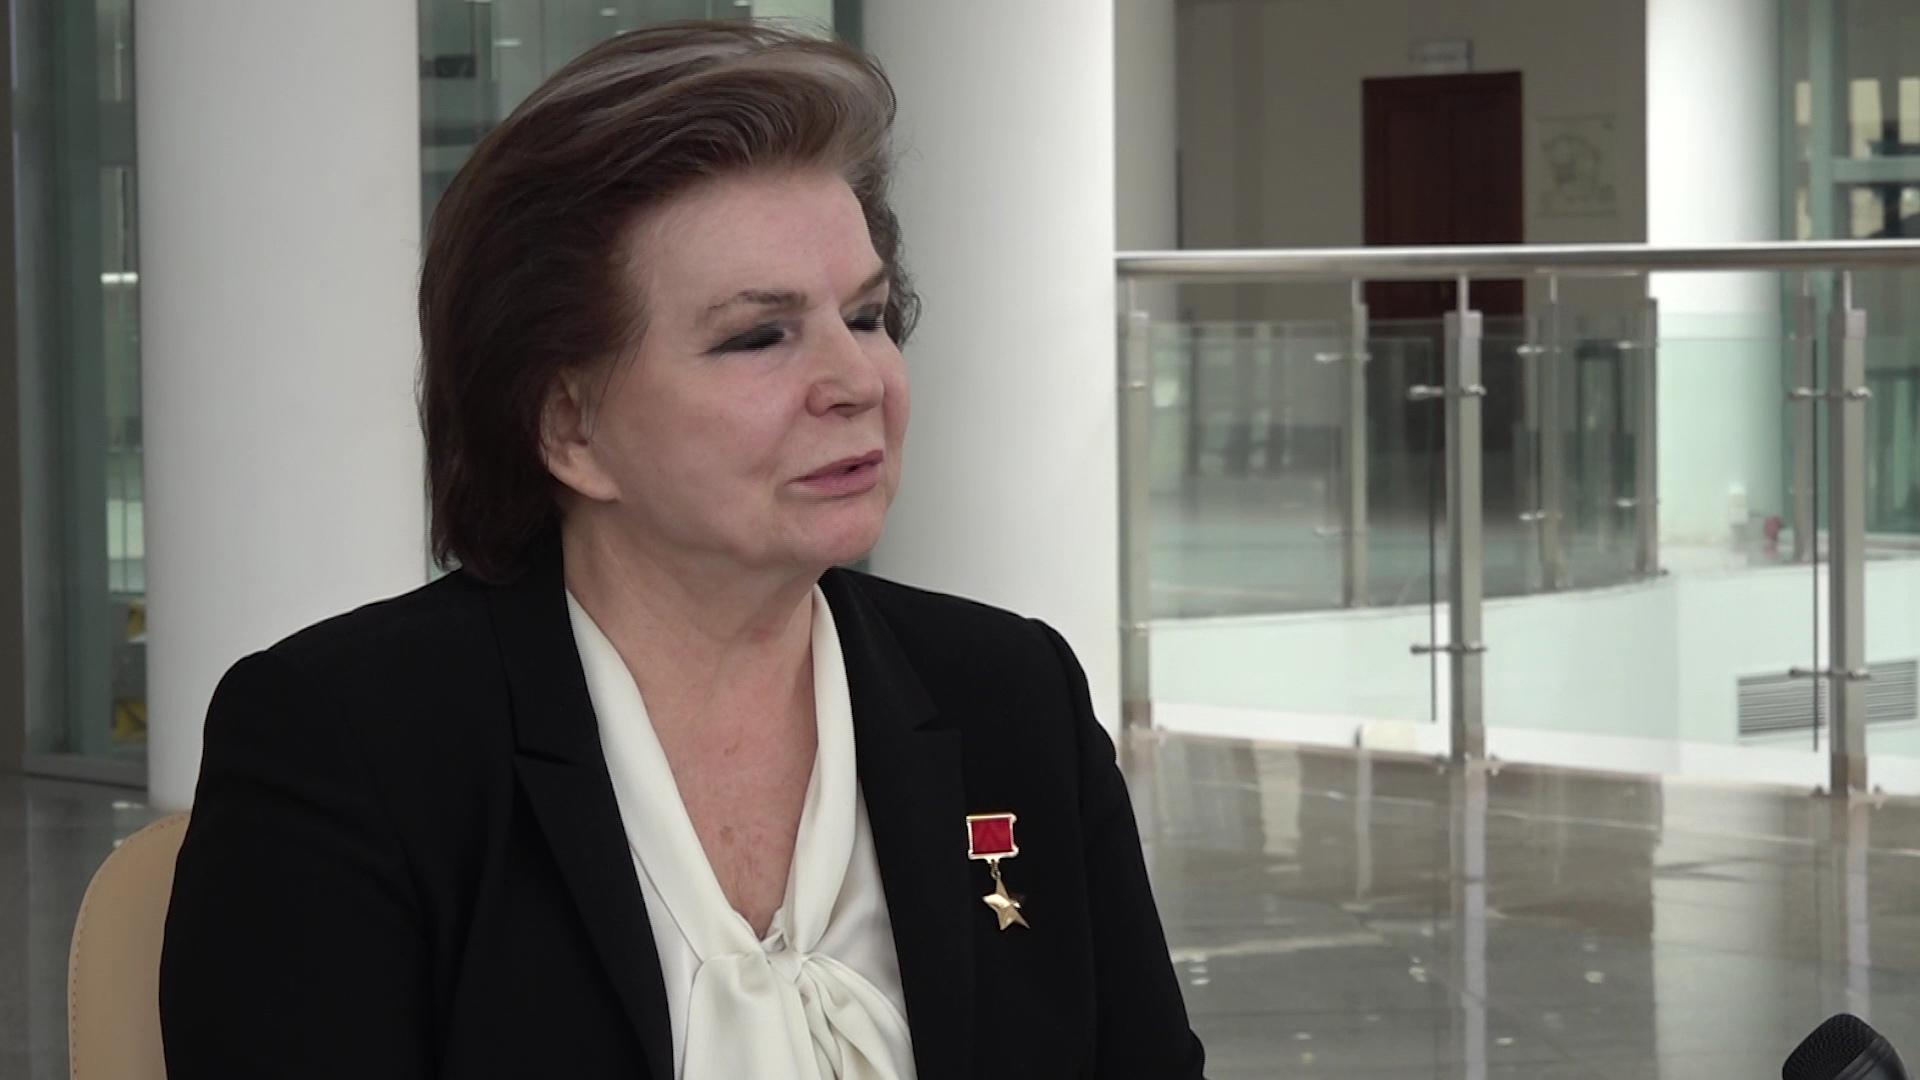 Валентина Терешкова: я буду делать все для родной Ярославии